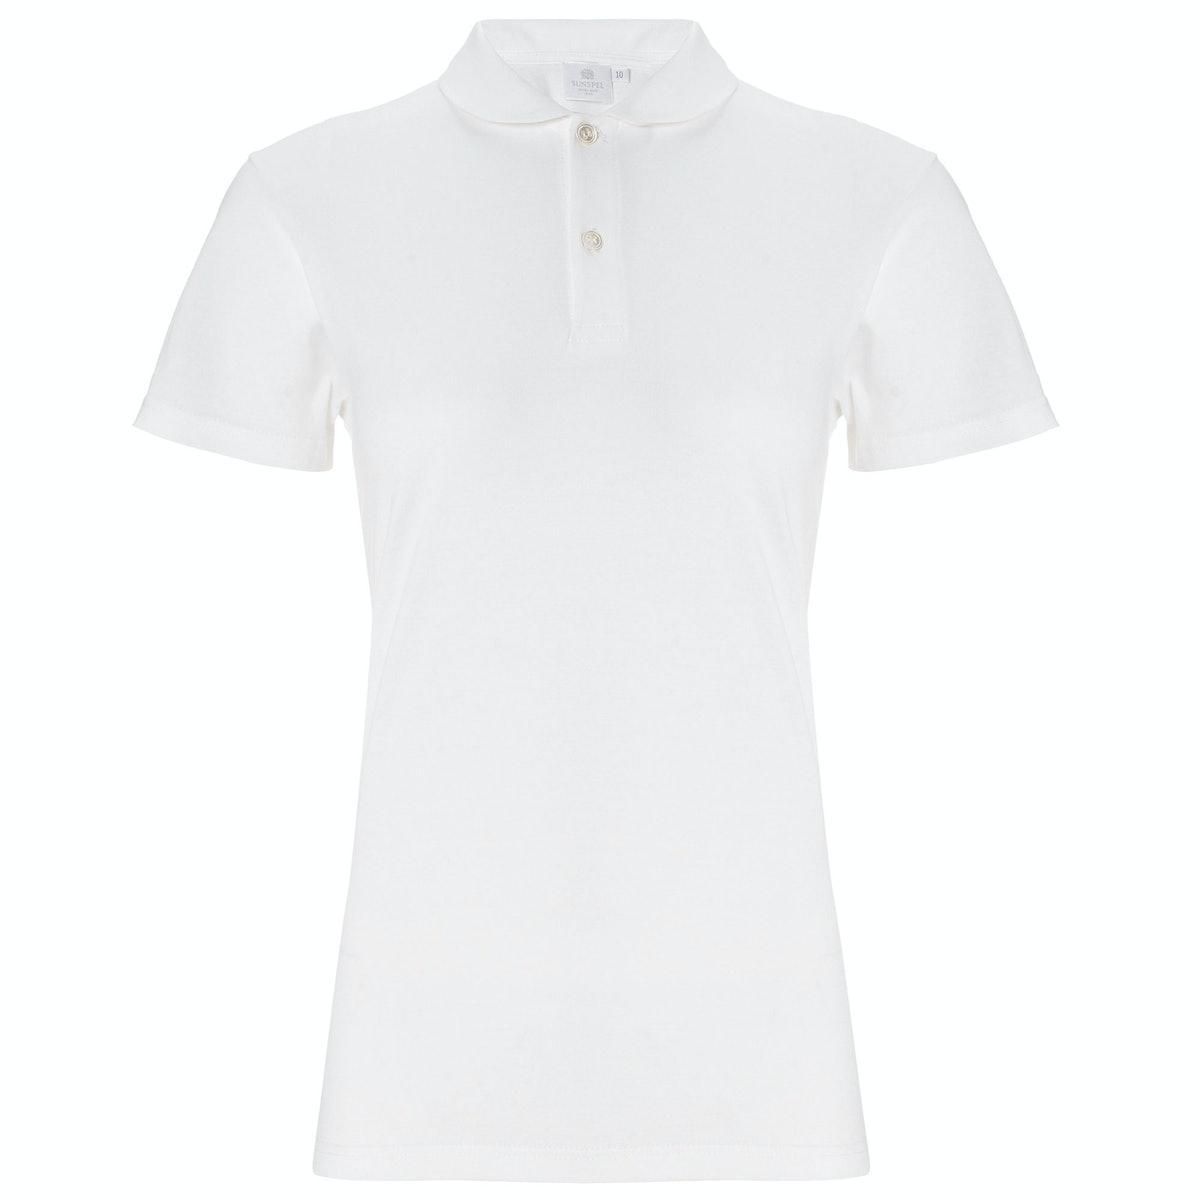 Sunspel shirt